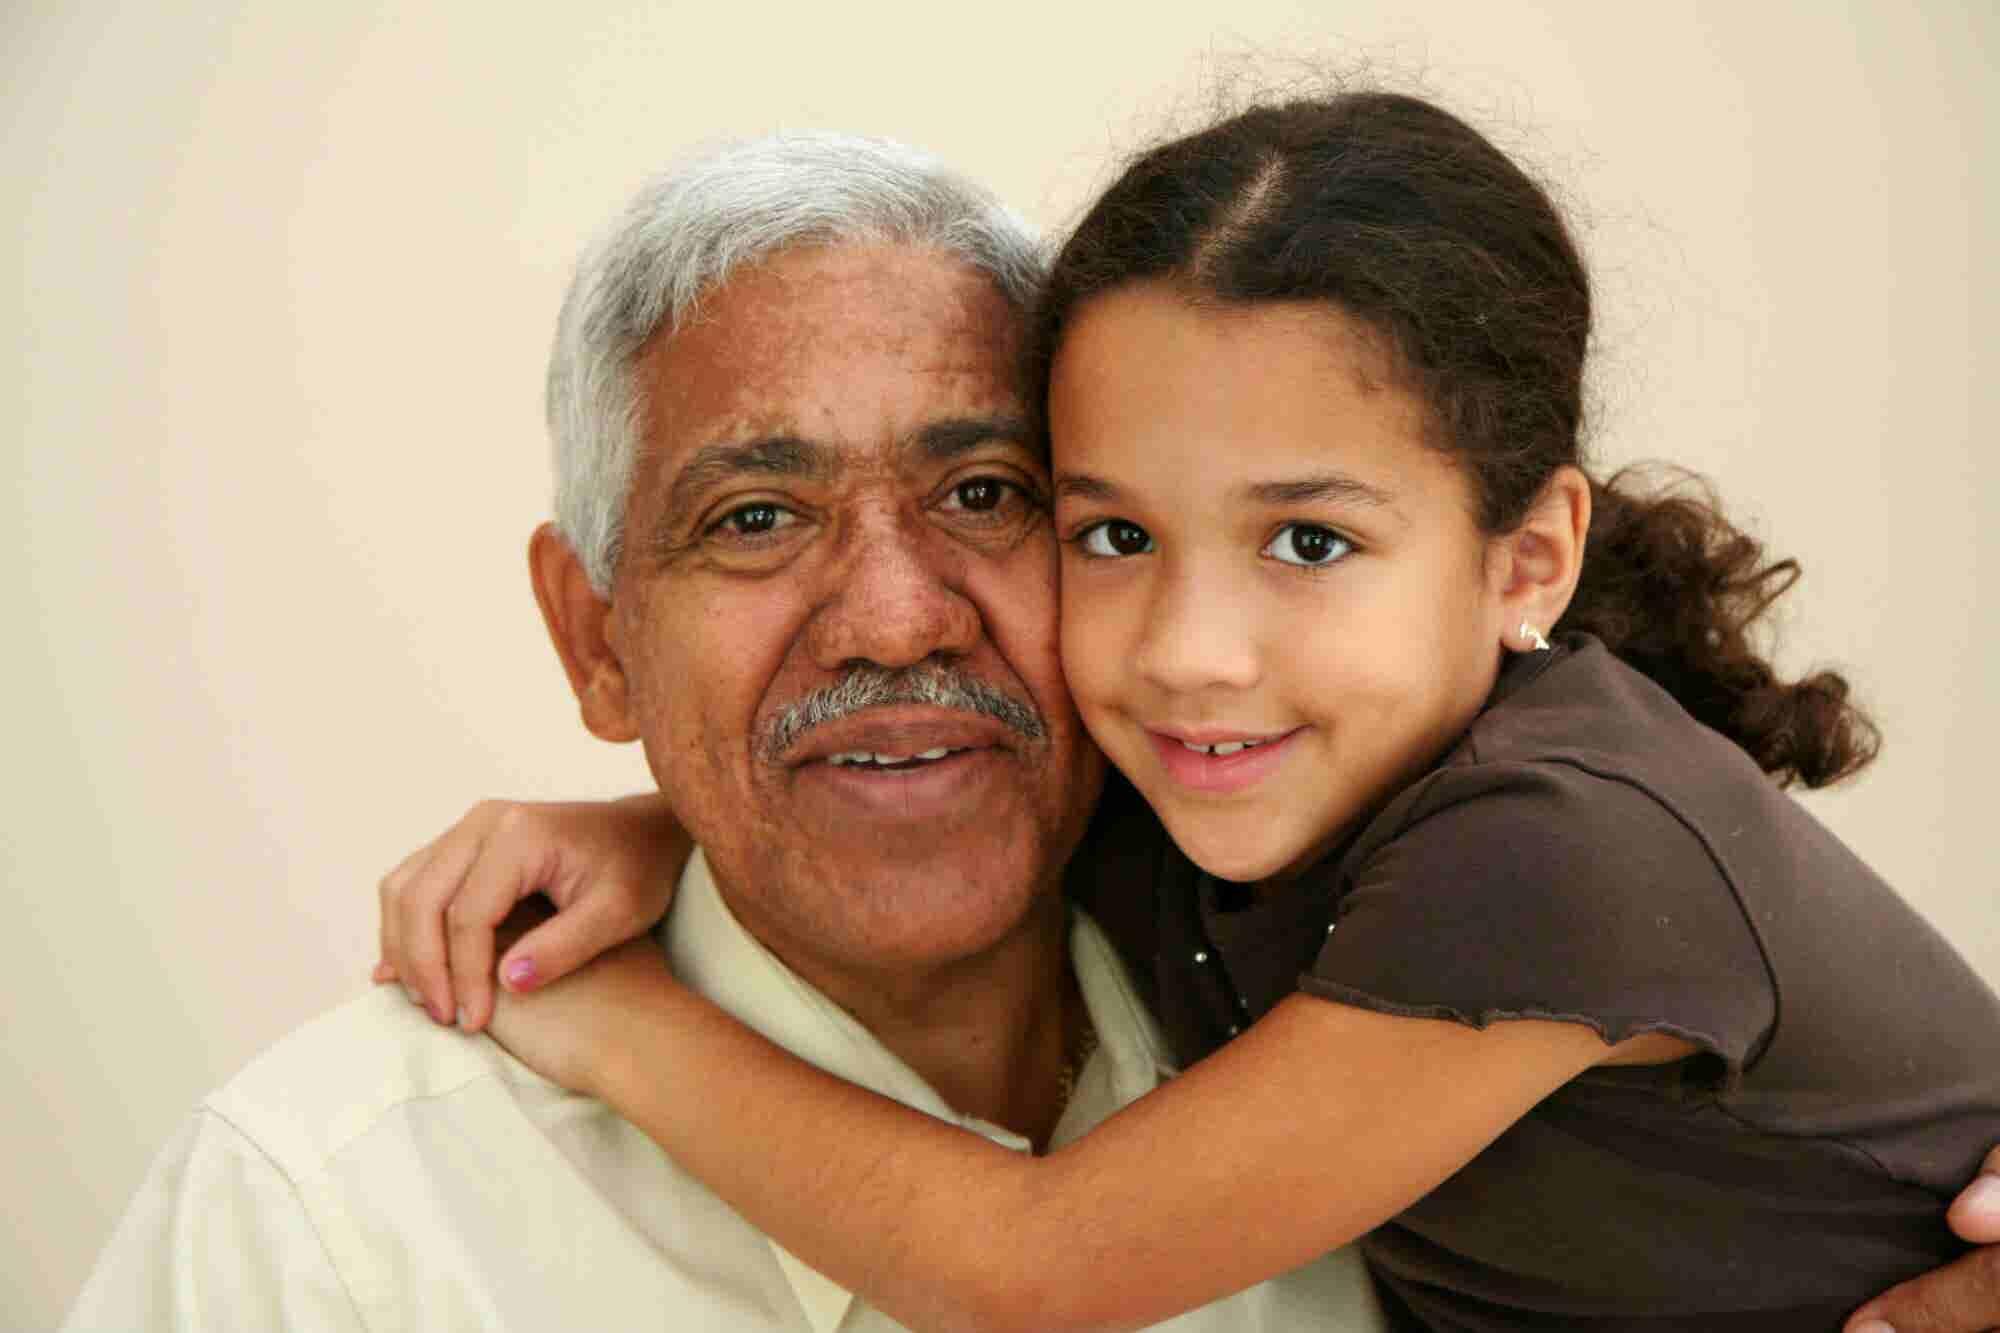 ¡Basta de escondernos en el viejismo! Las personas mayores no son frágiles